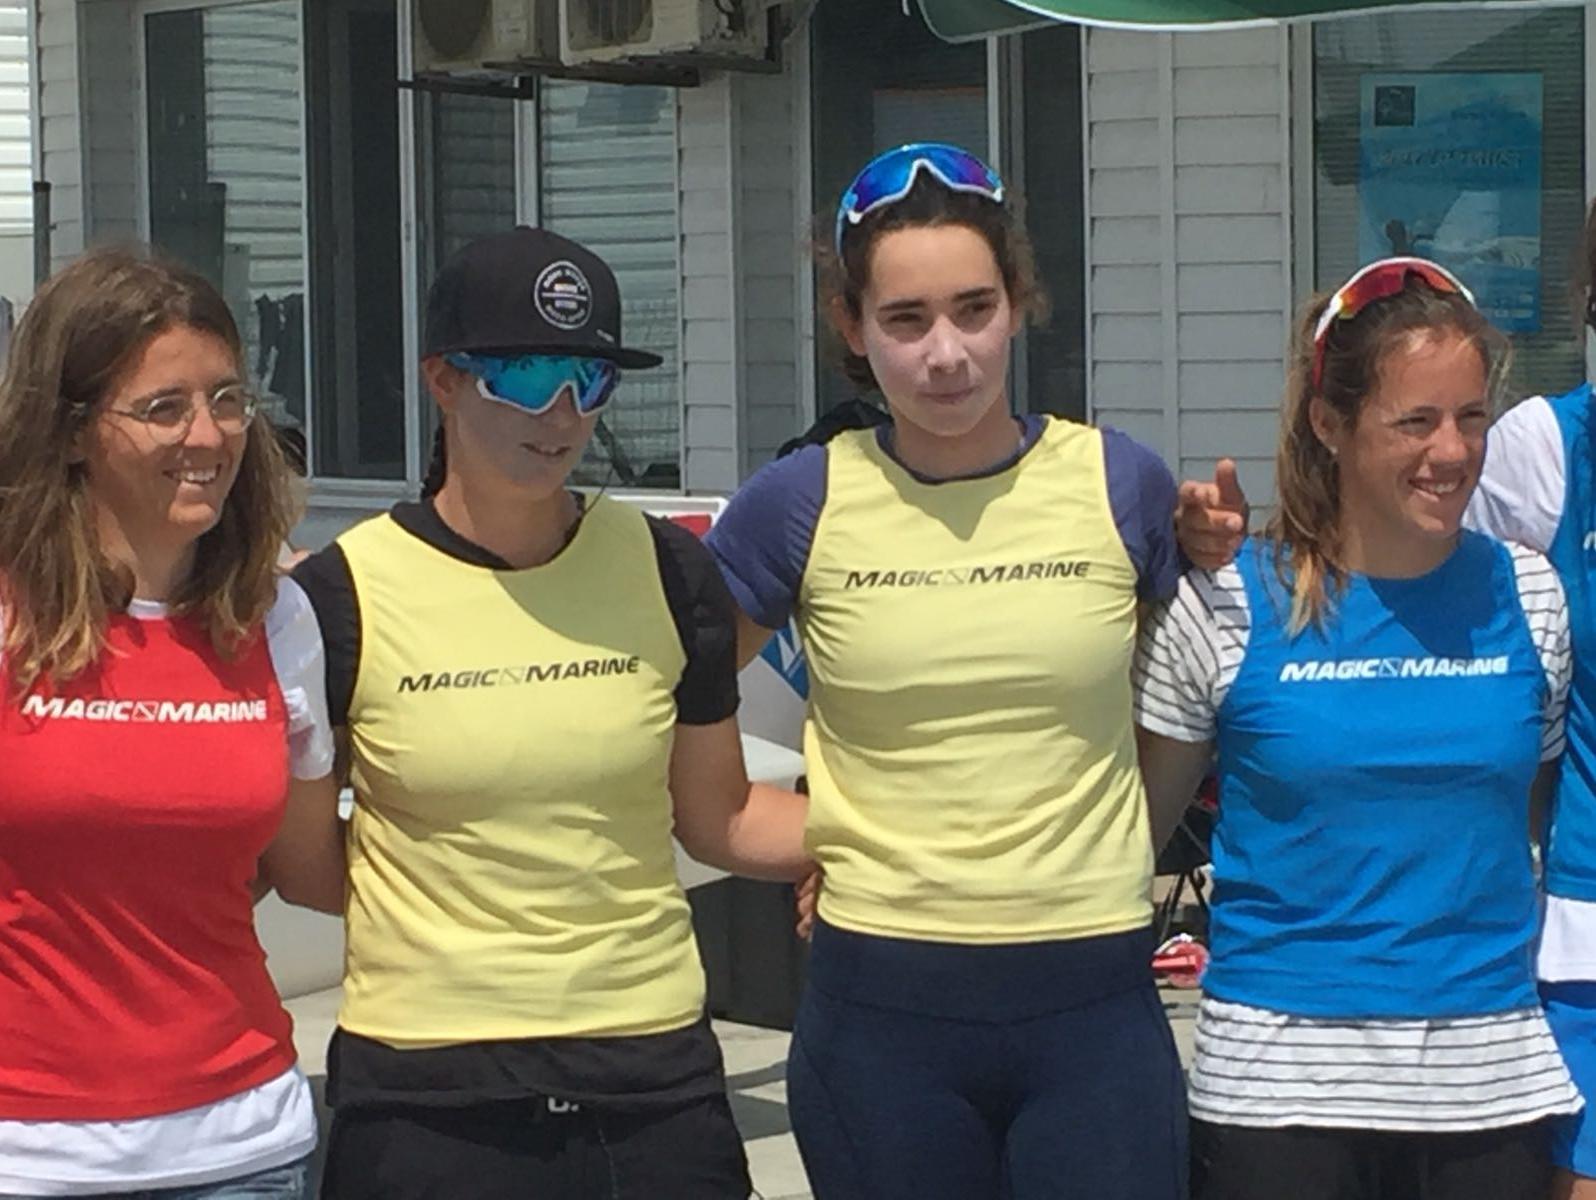 שייט: גיל כהן ונועה לסרי ממשיכות להוביל באליפות אירופה בבורגס